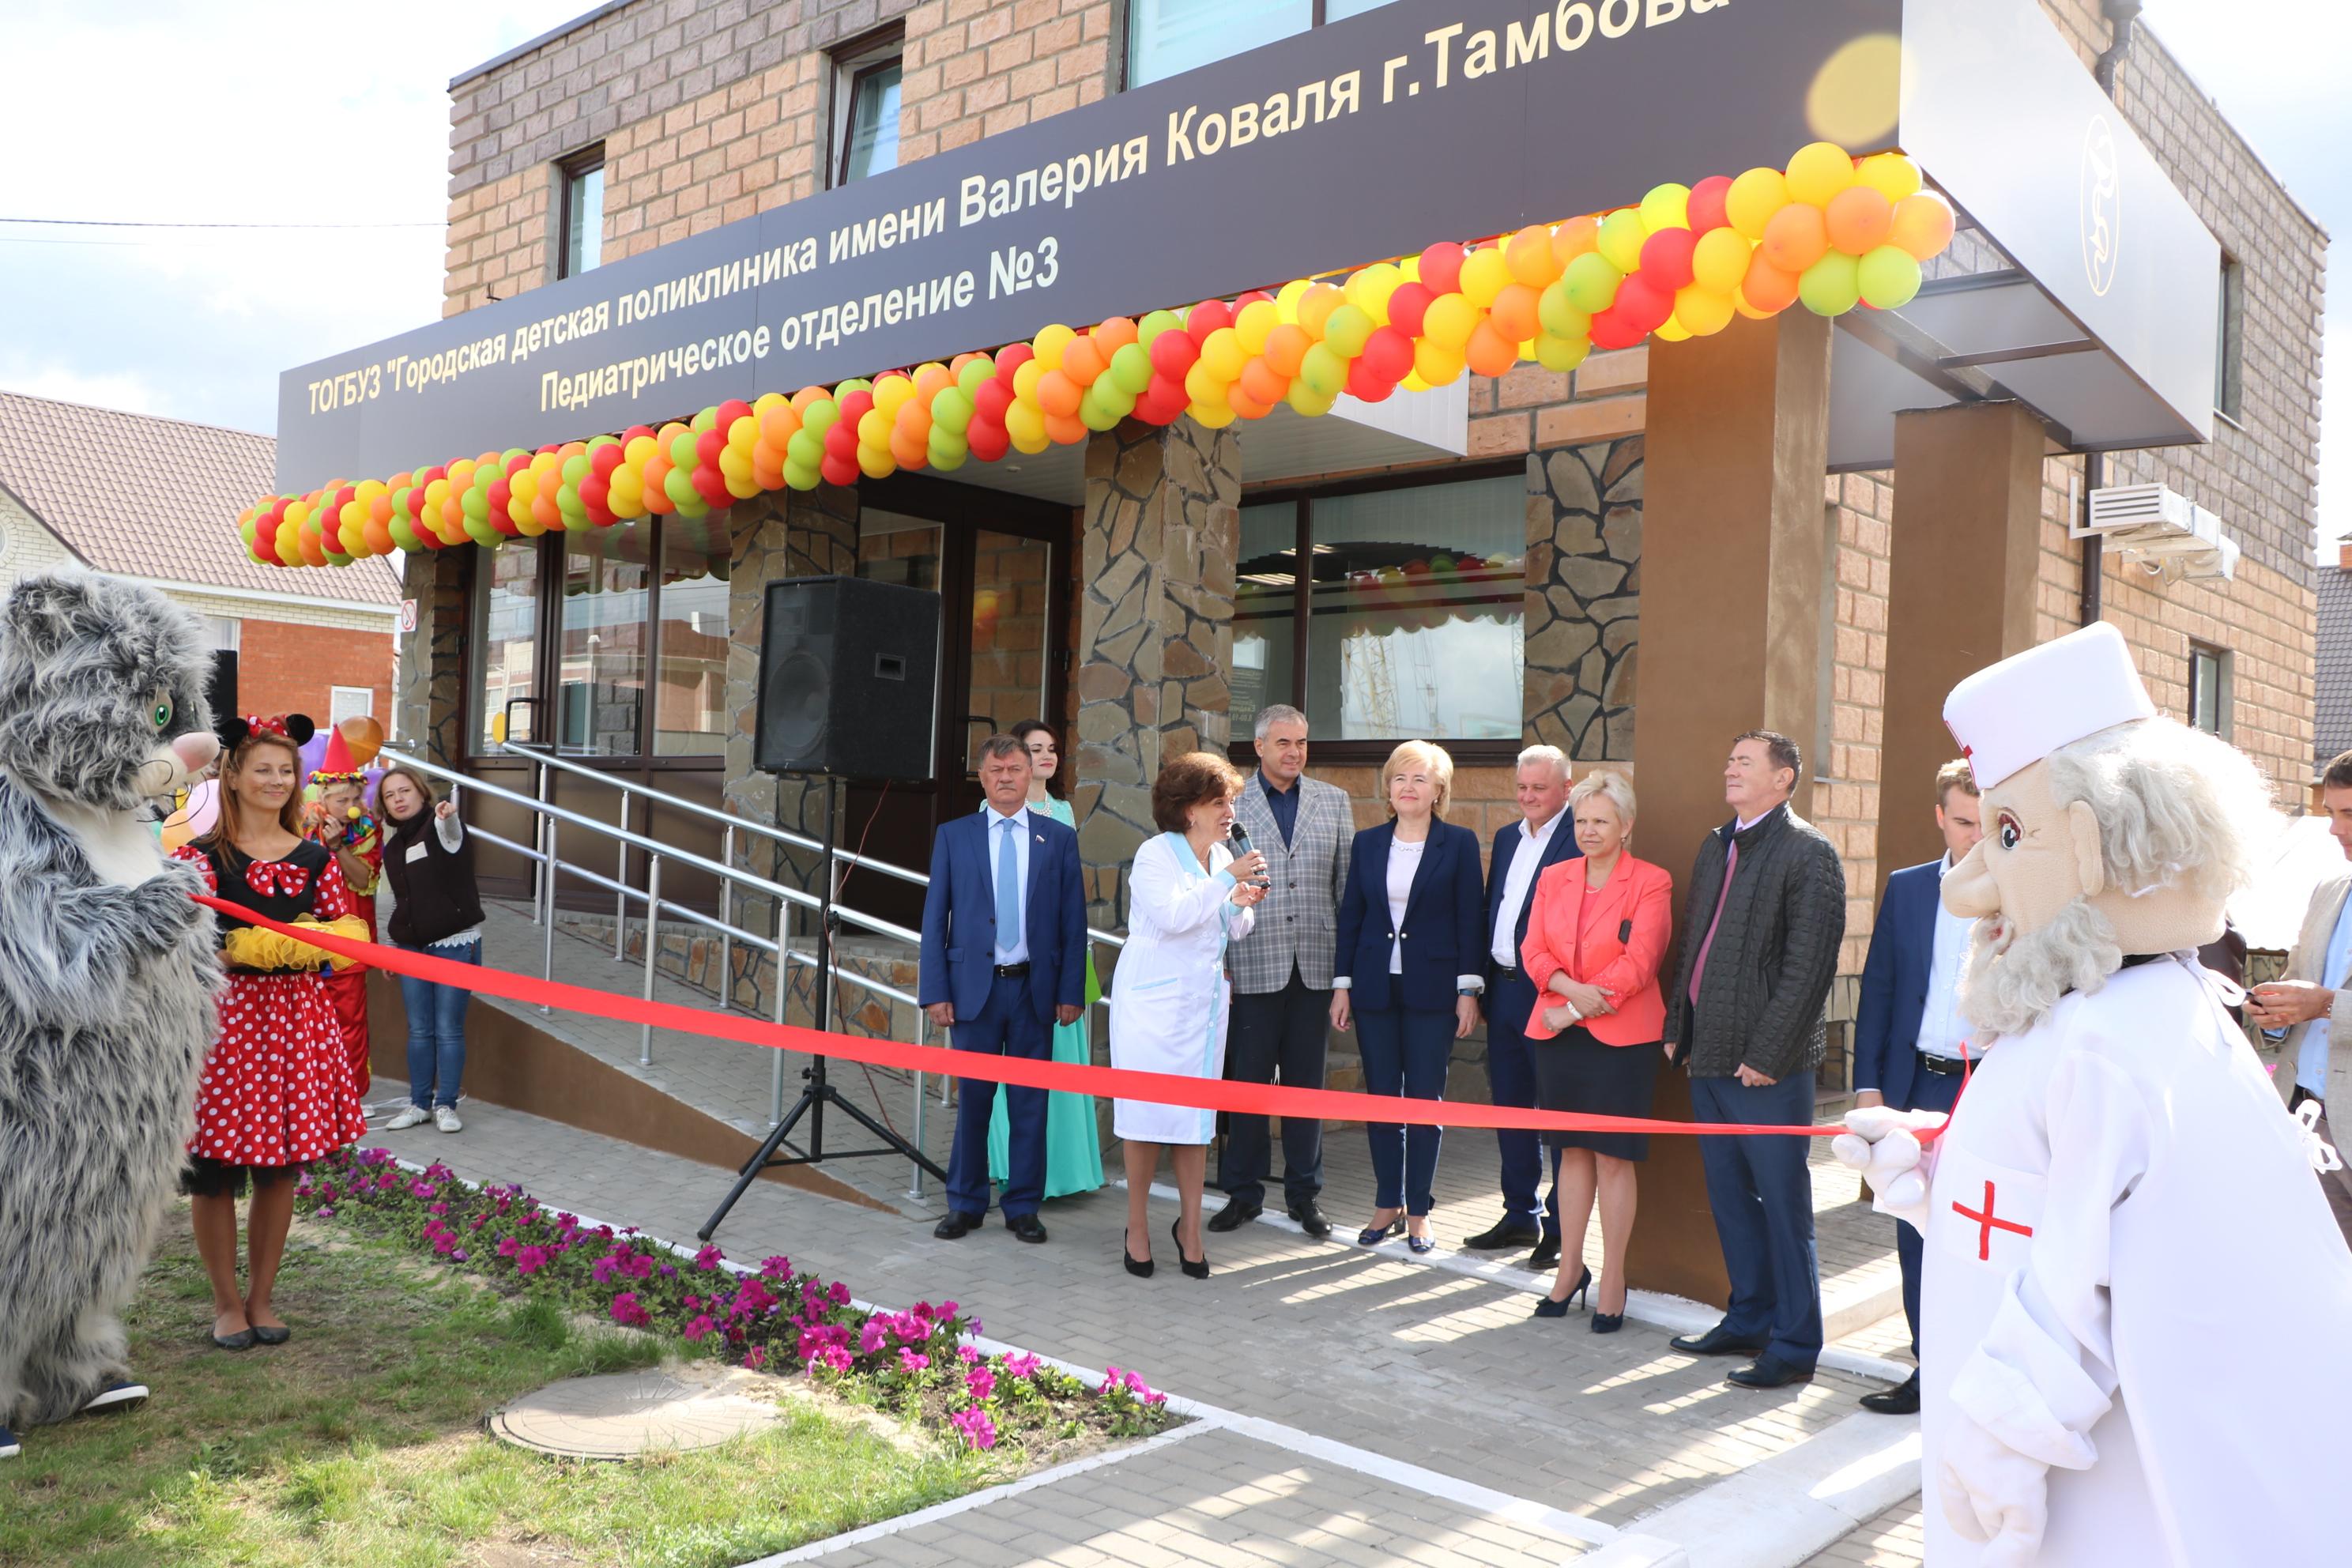 Филиал городской детской больницы открылся вТамбове